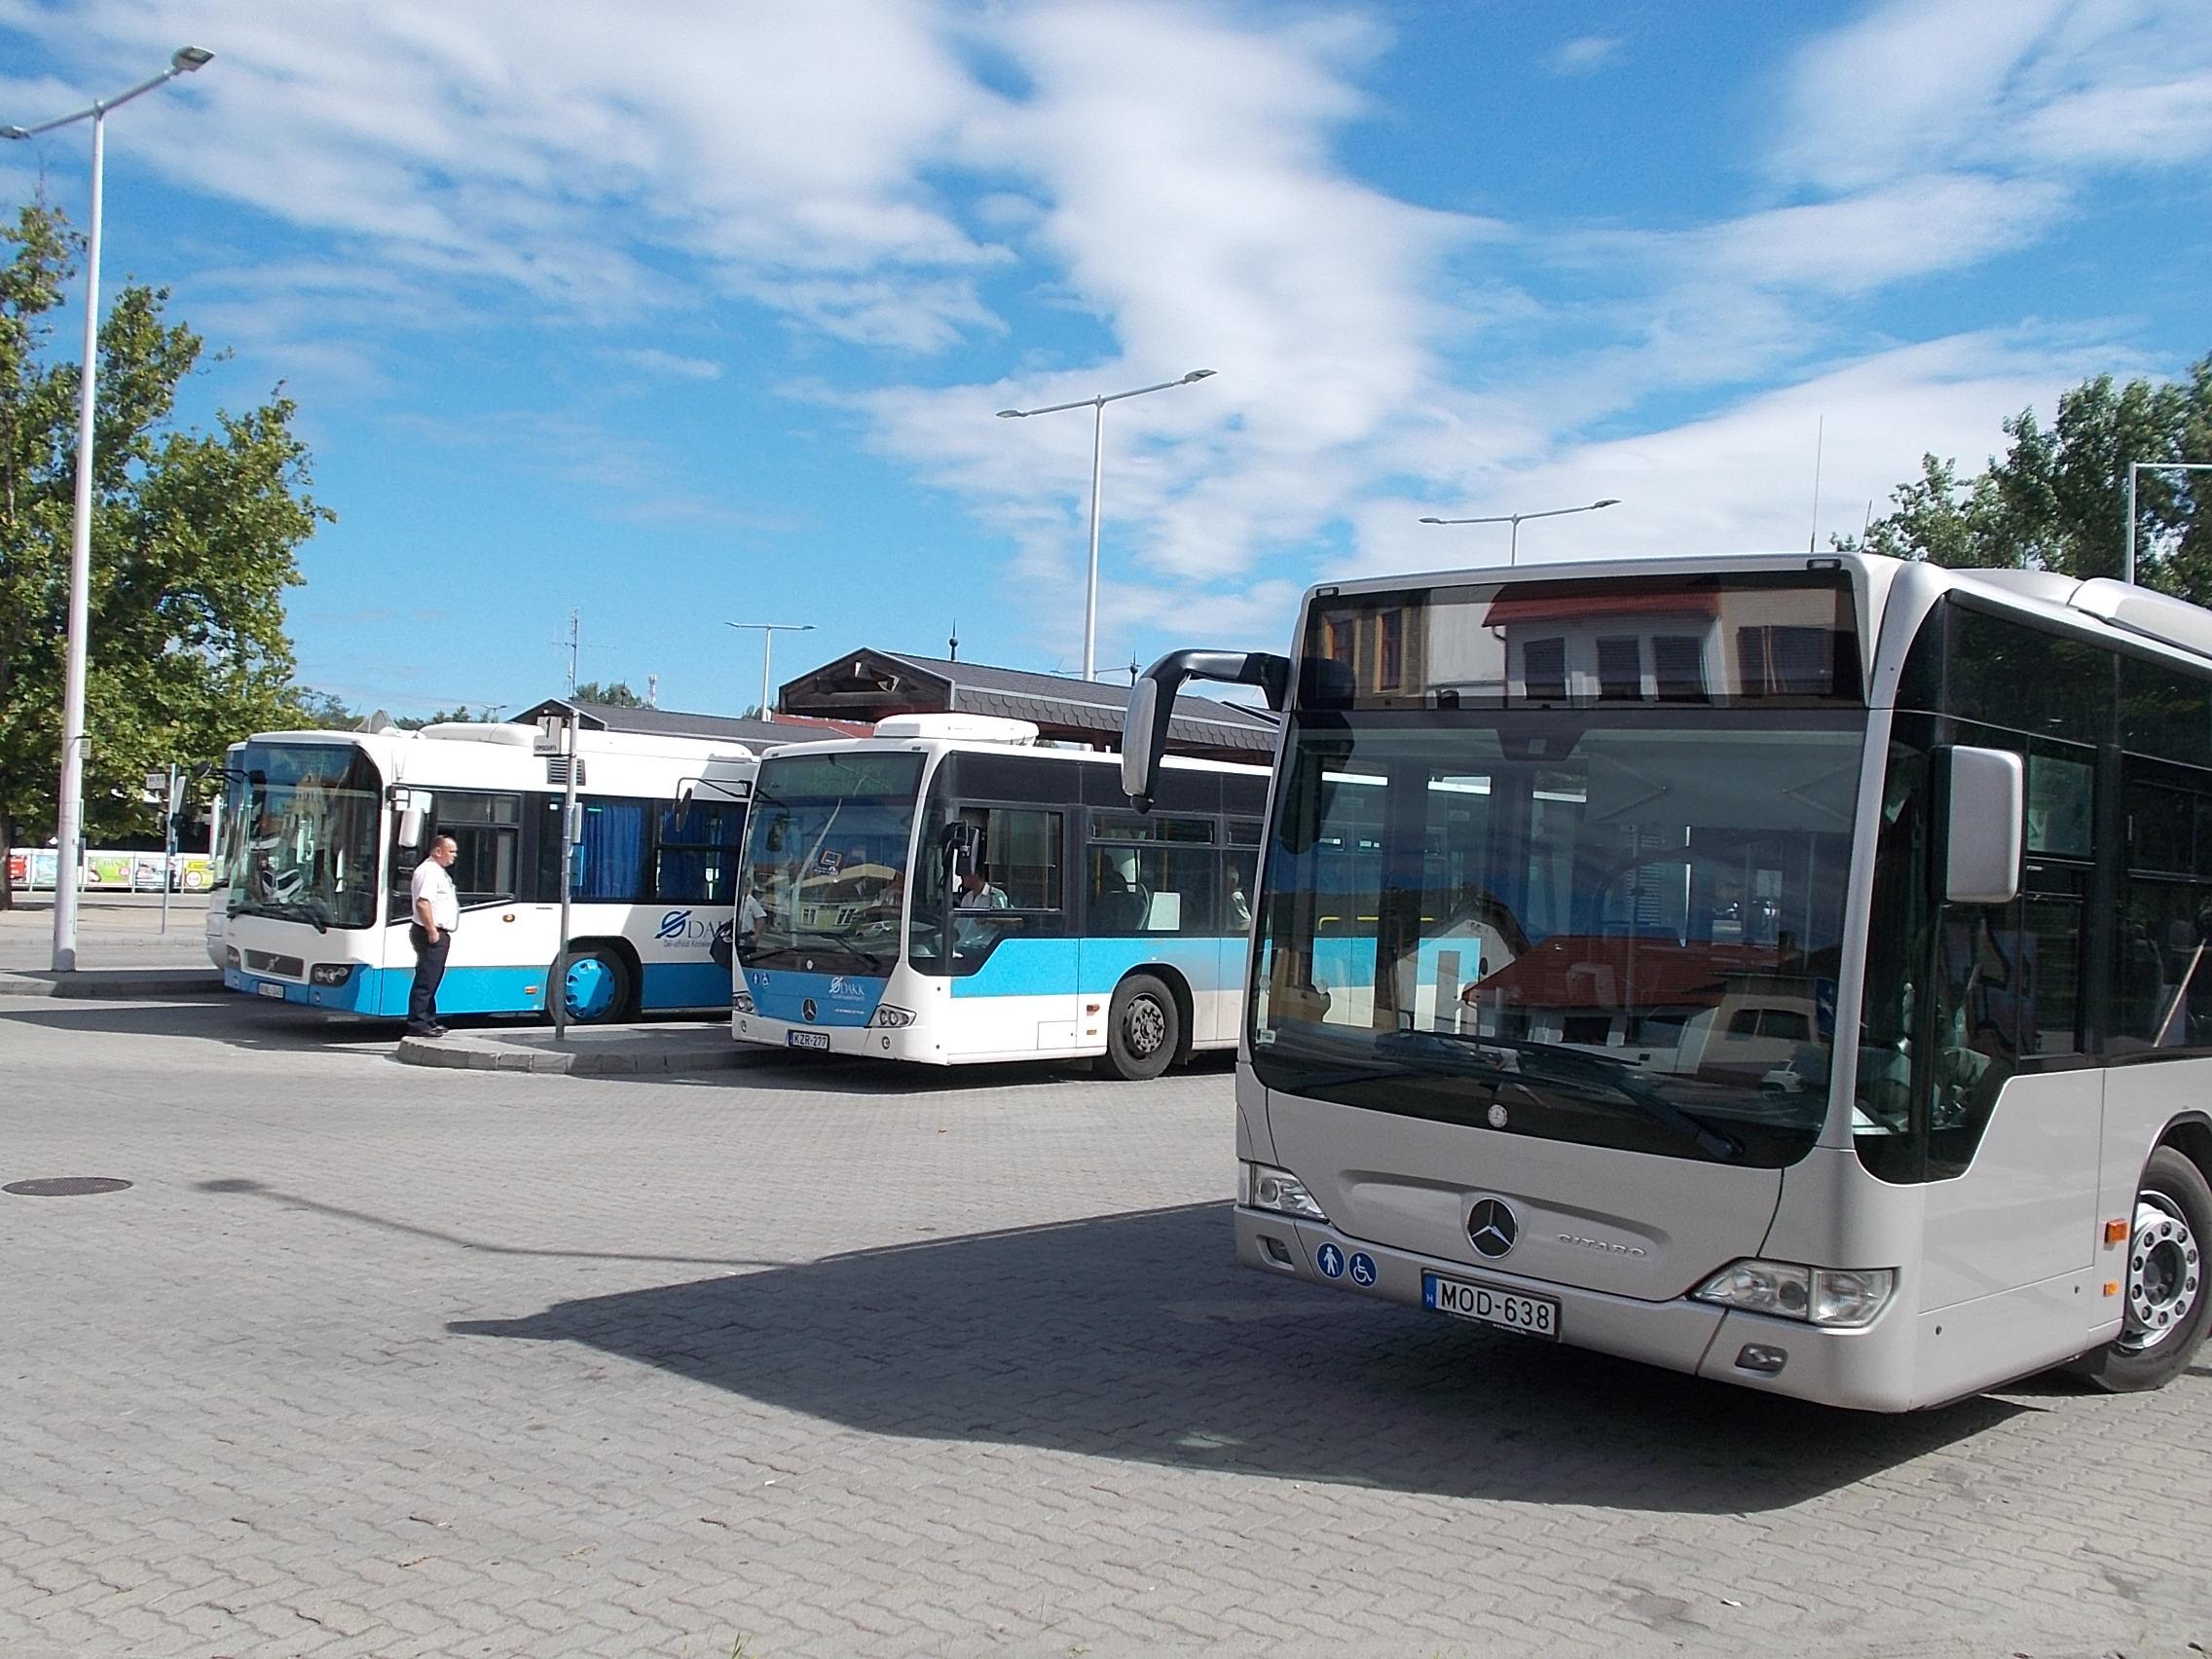 budapest térkép buszjáratokkal Kecskemét tömegközlekedése – Wikipédia budapest térkép buszjáratokkal